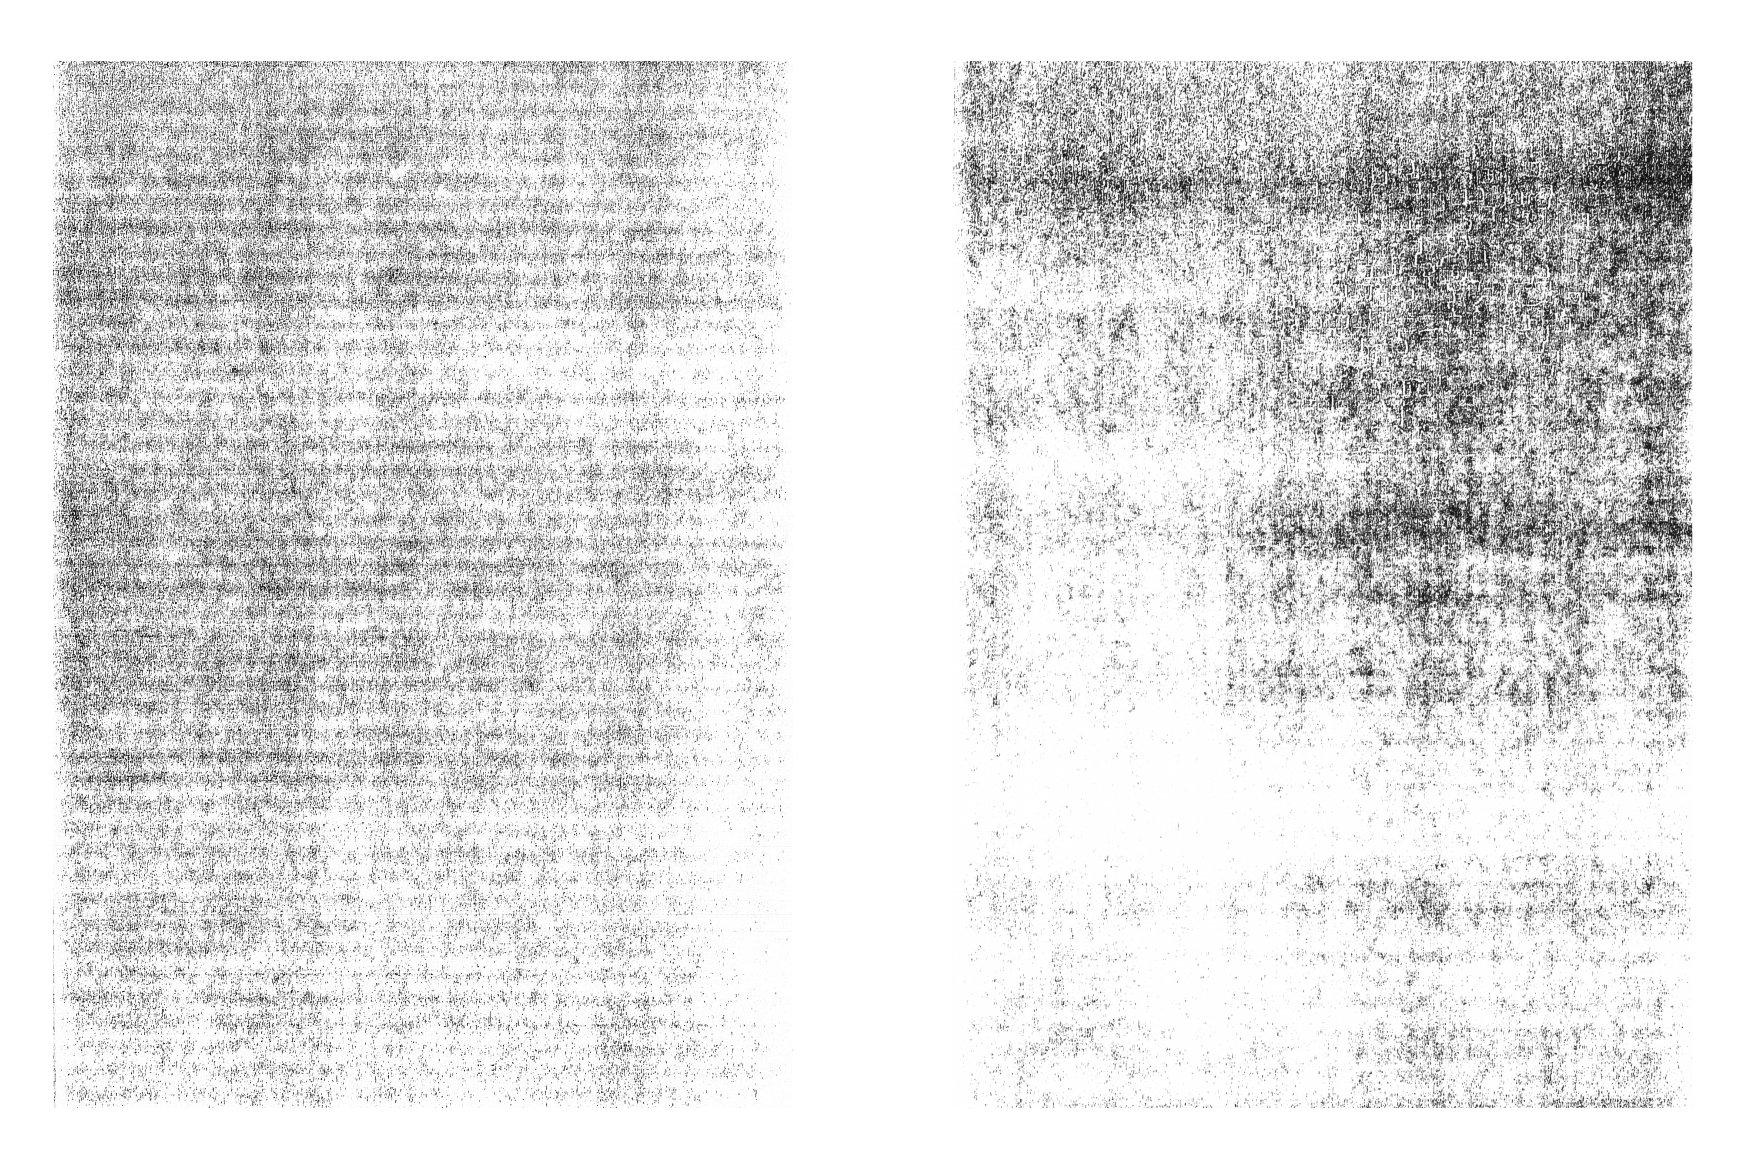 156款复古做旧折痕磨损褶皱纸张背景纹理素材合集 The Grunge Texture Bundle Vol. 1插图(79)